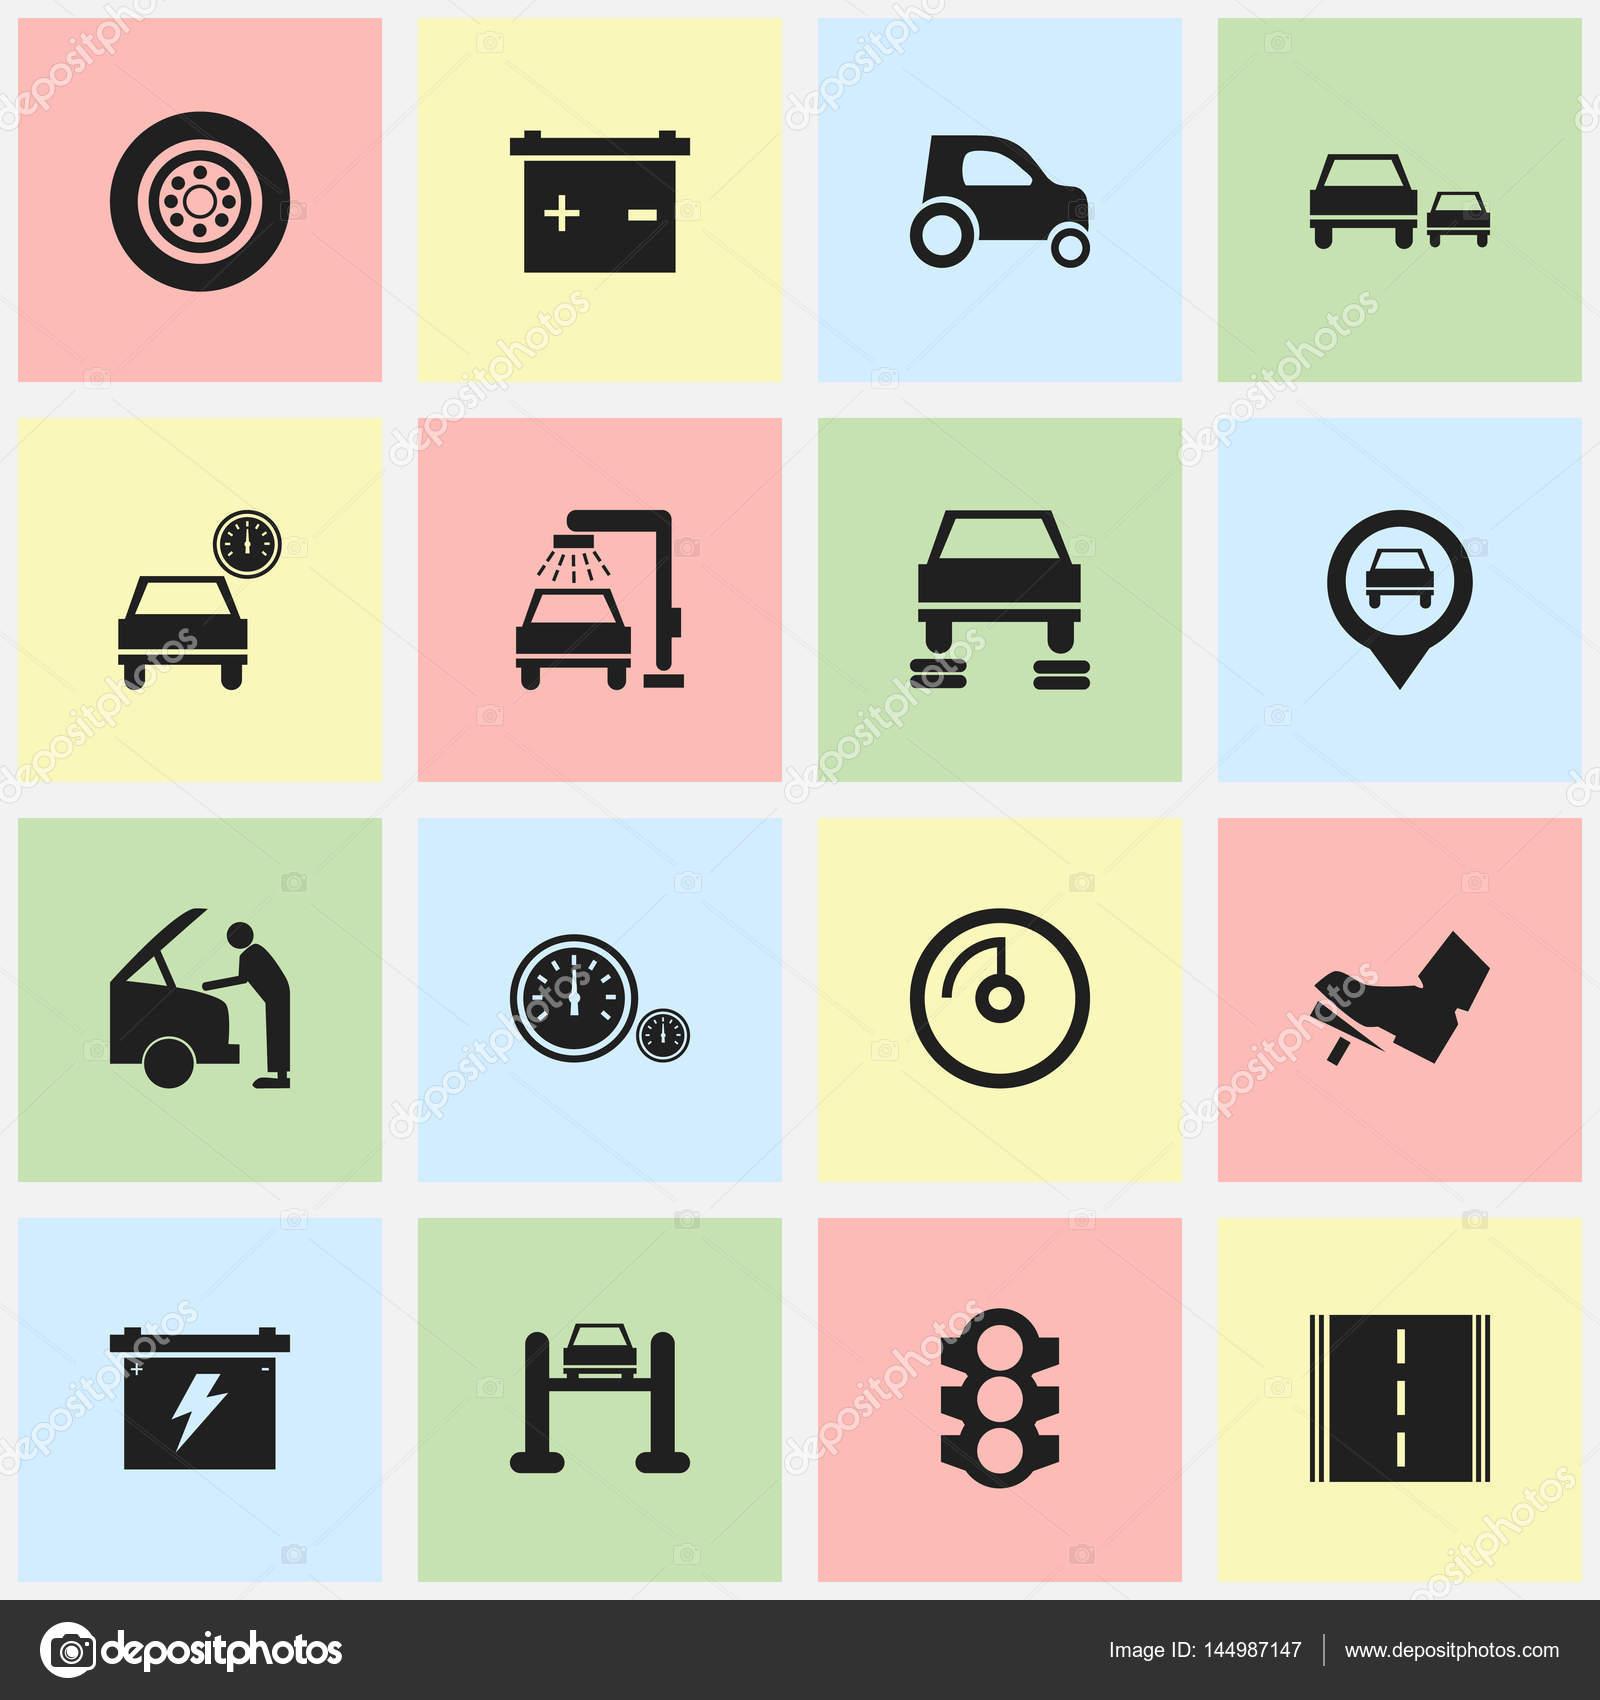 16 可编辑运输图标集.包括种族, 轮胎, 汽车修理等符号.